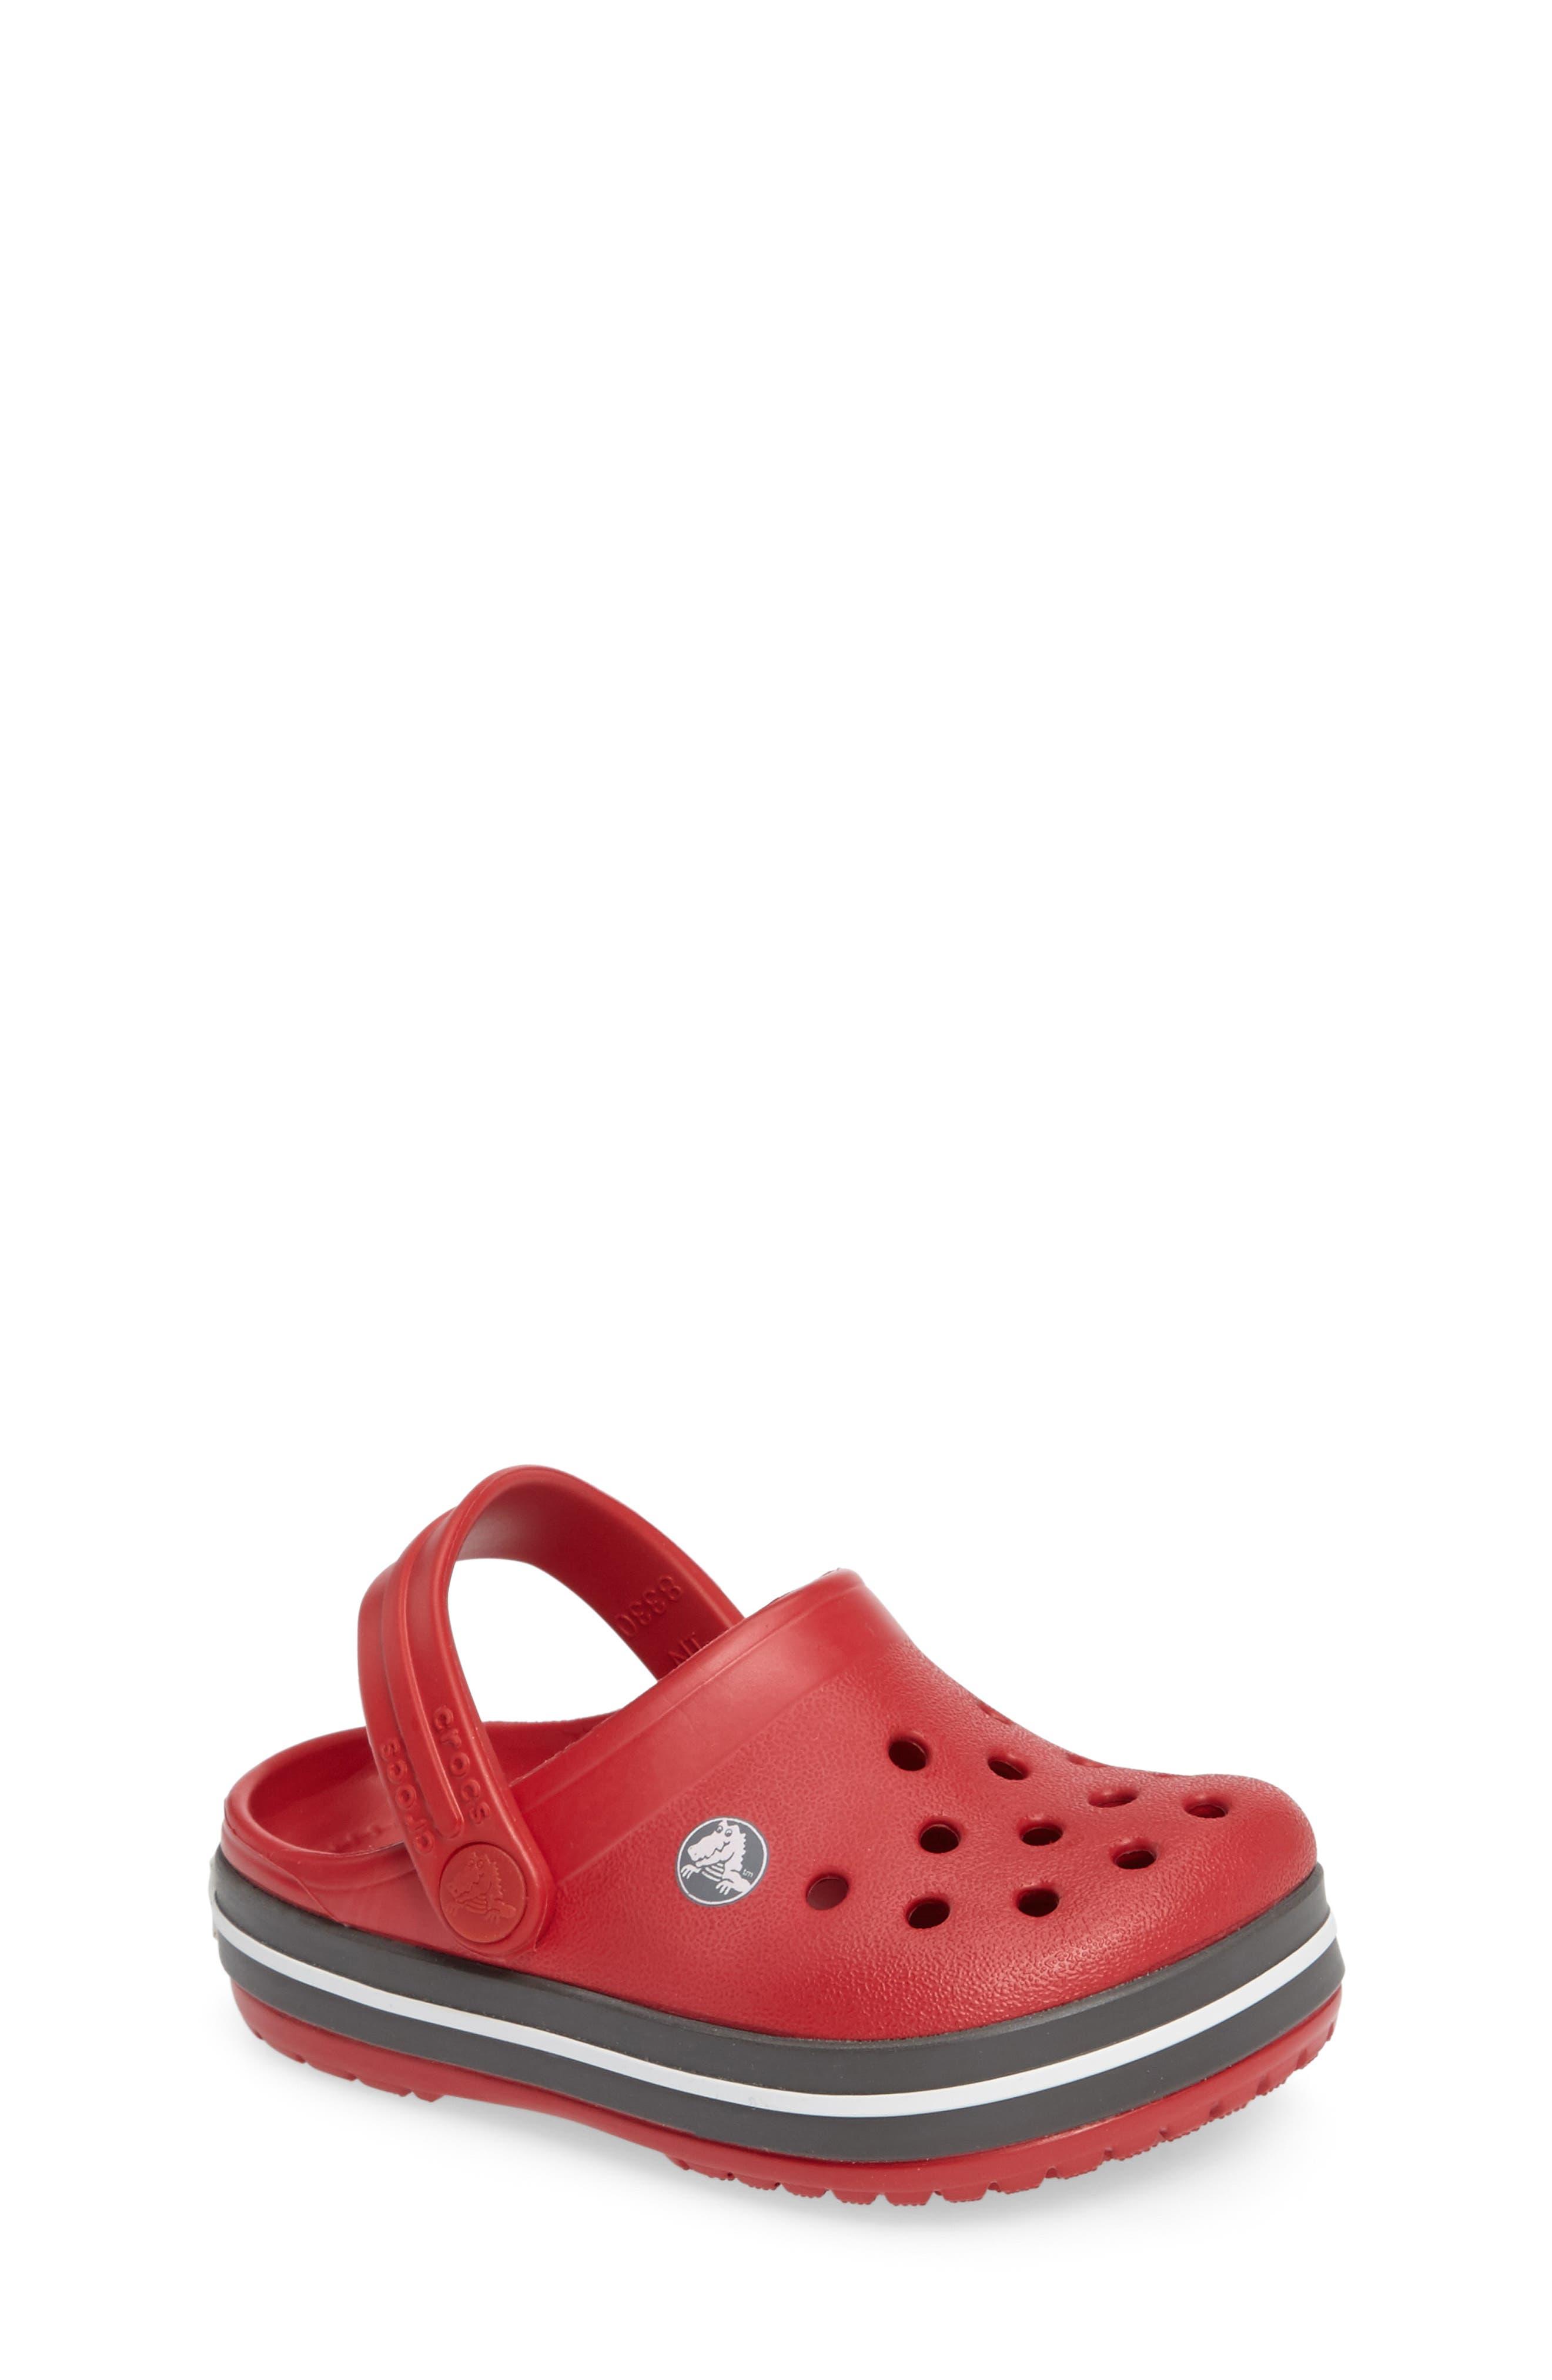 Toddler Crocs(TM) Crocband Clog Size 3 M  Red